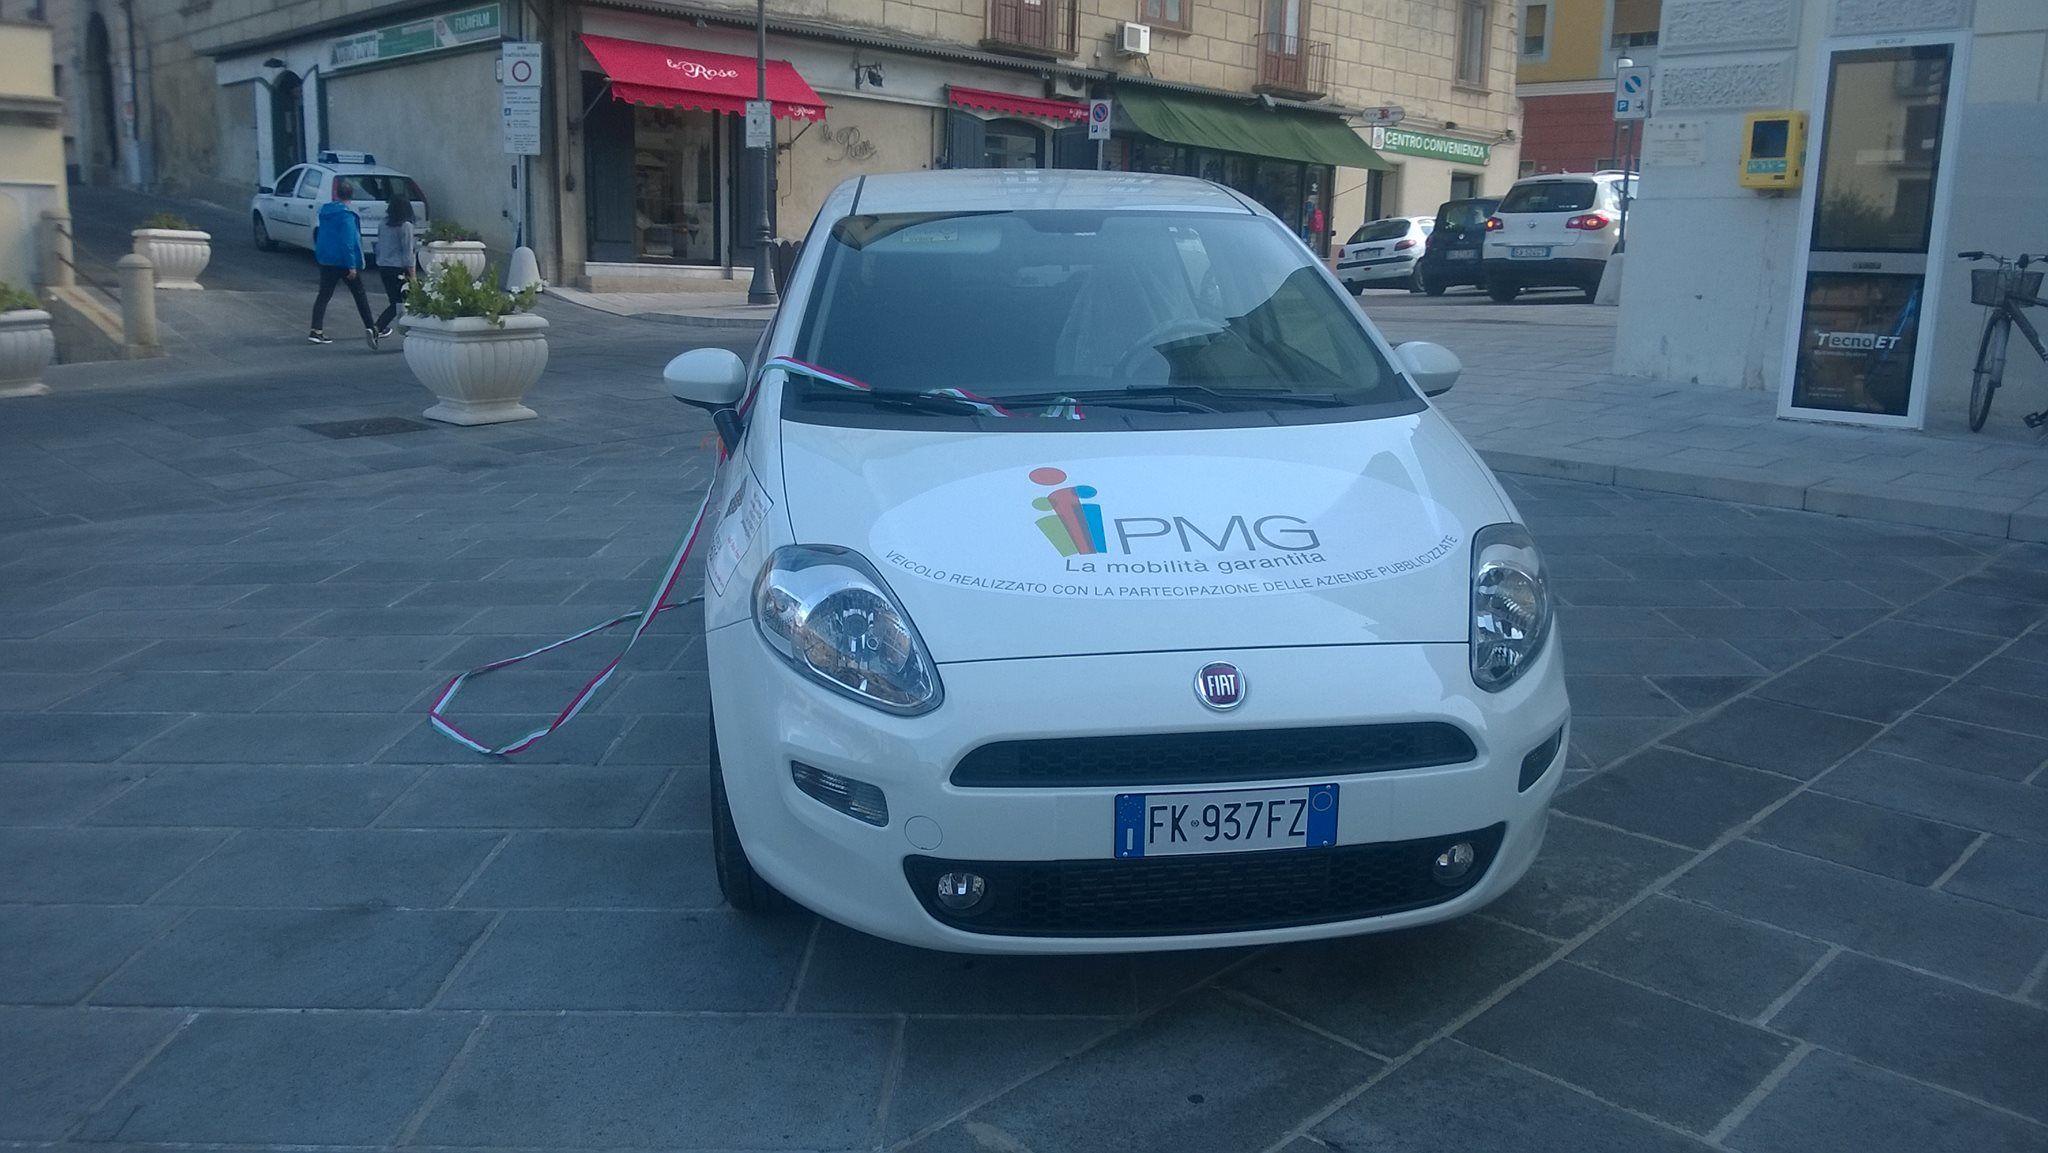 Vallo della lucania un mezzo per i disabili acquistato for Garage per due auto e mezzo